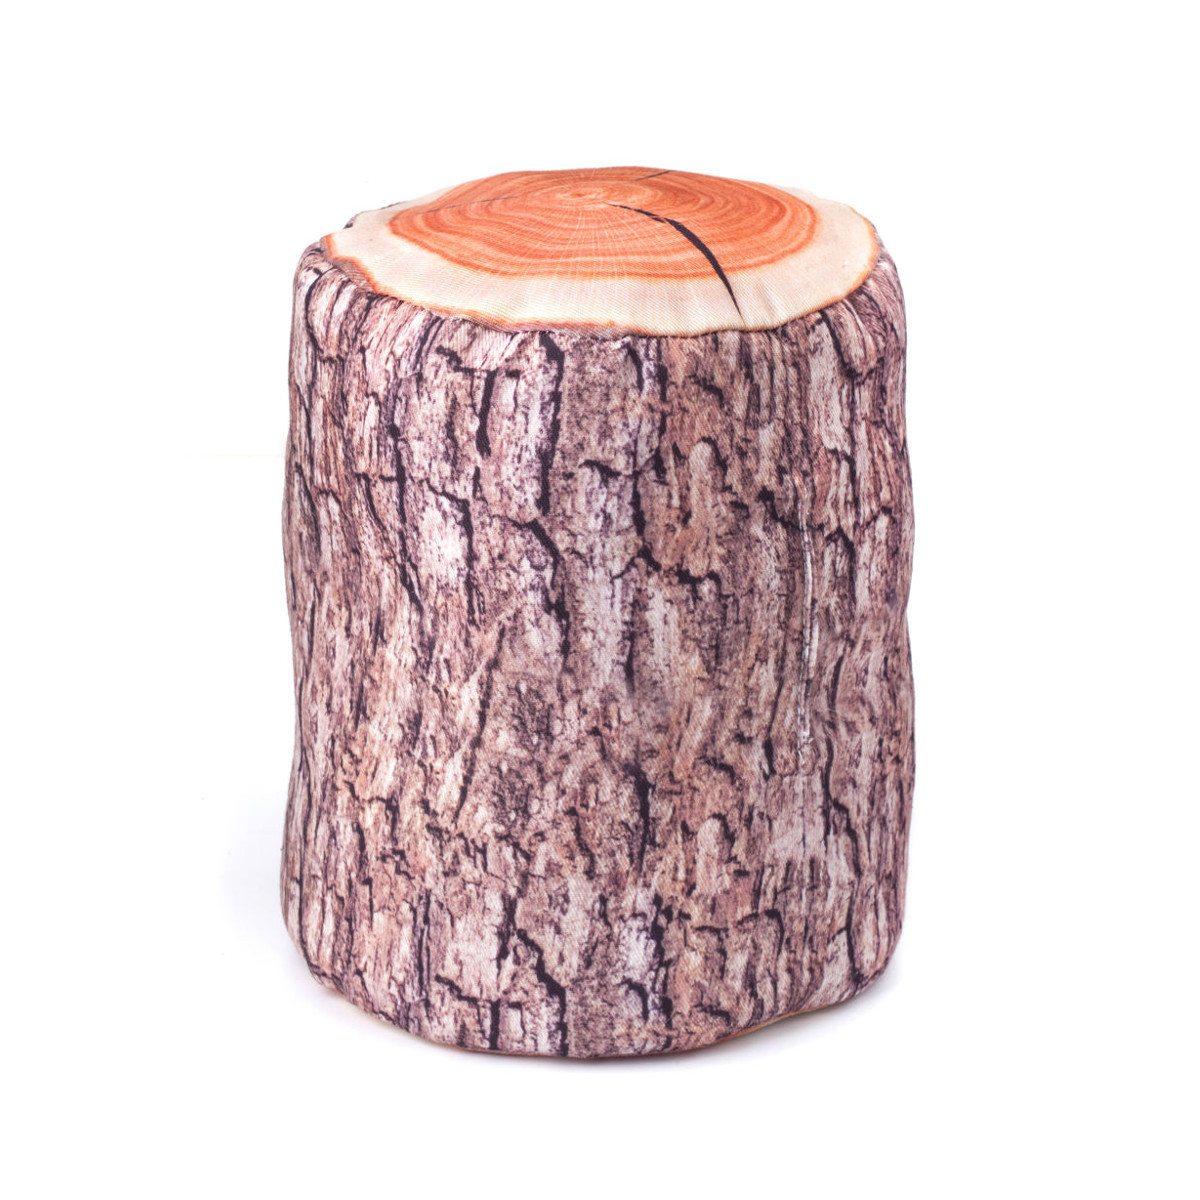 Dørstopper formet som en træstamme